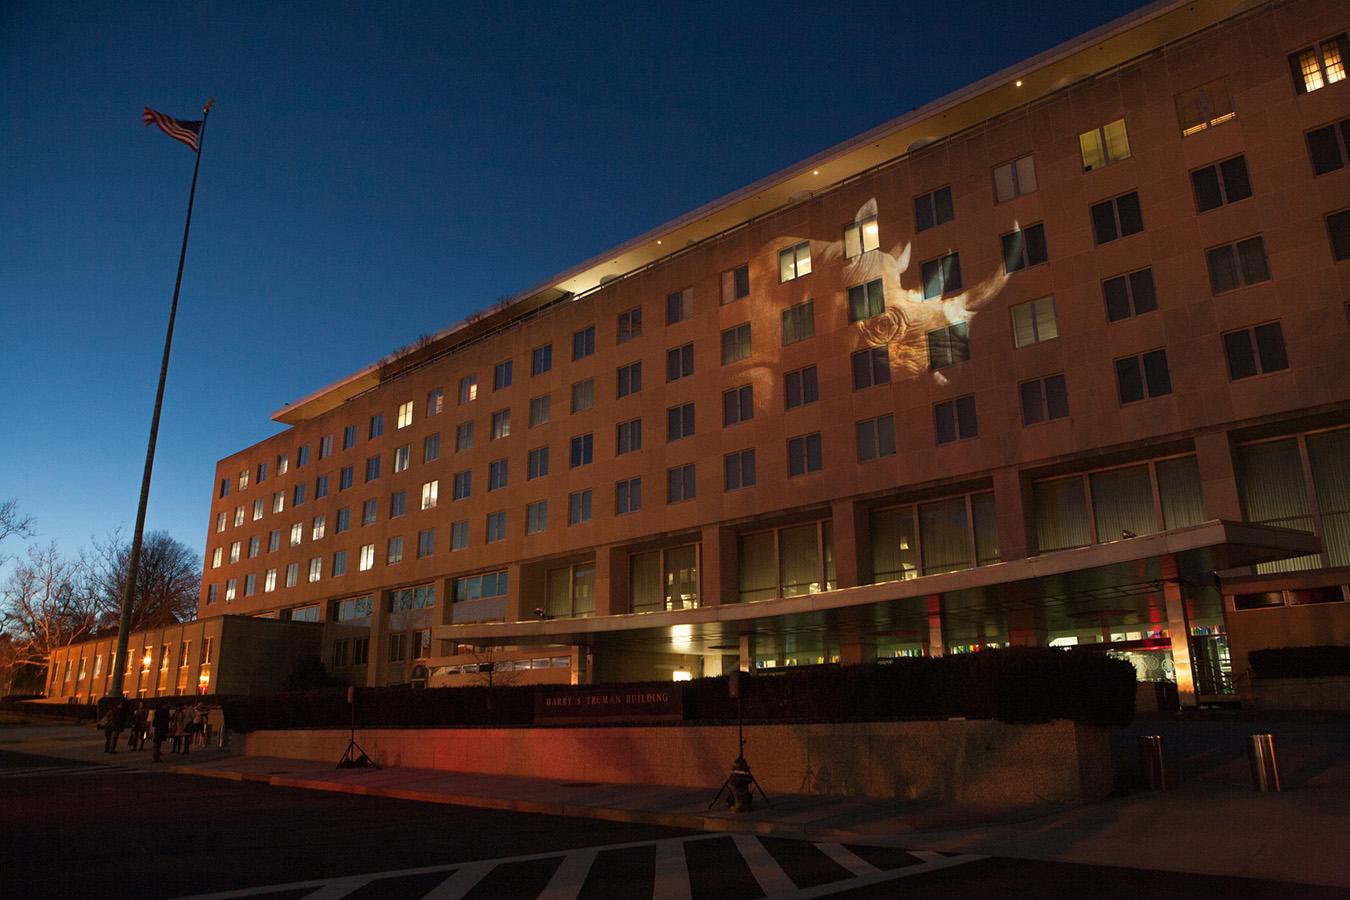 Foto de rinoceronte proyectada en fachada de un edificio (Depto. de Estado/D.A. Peterson)